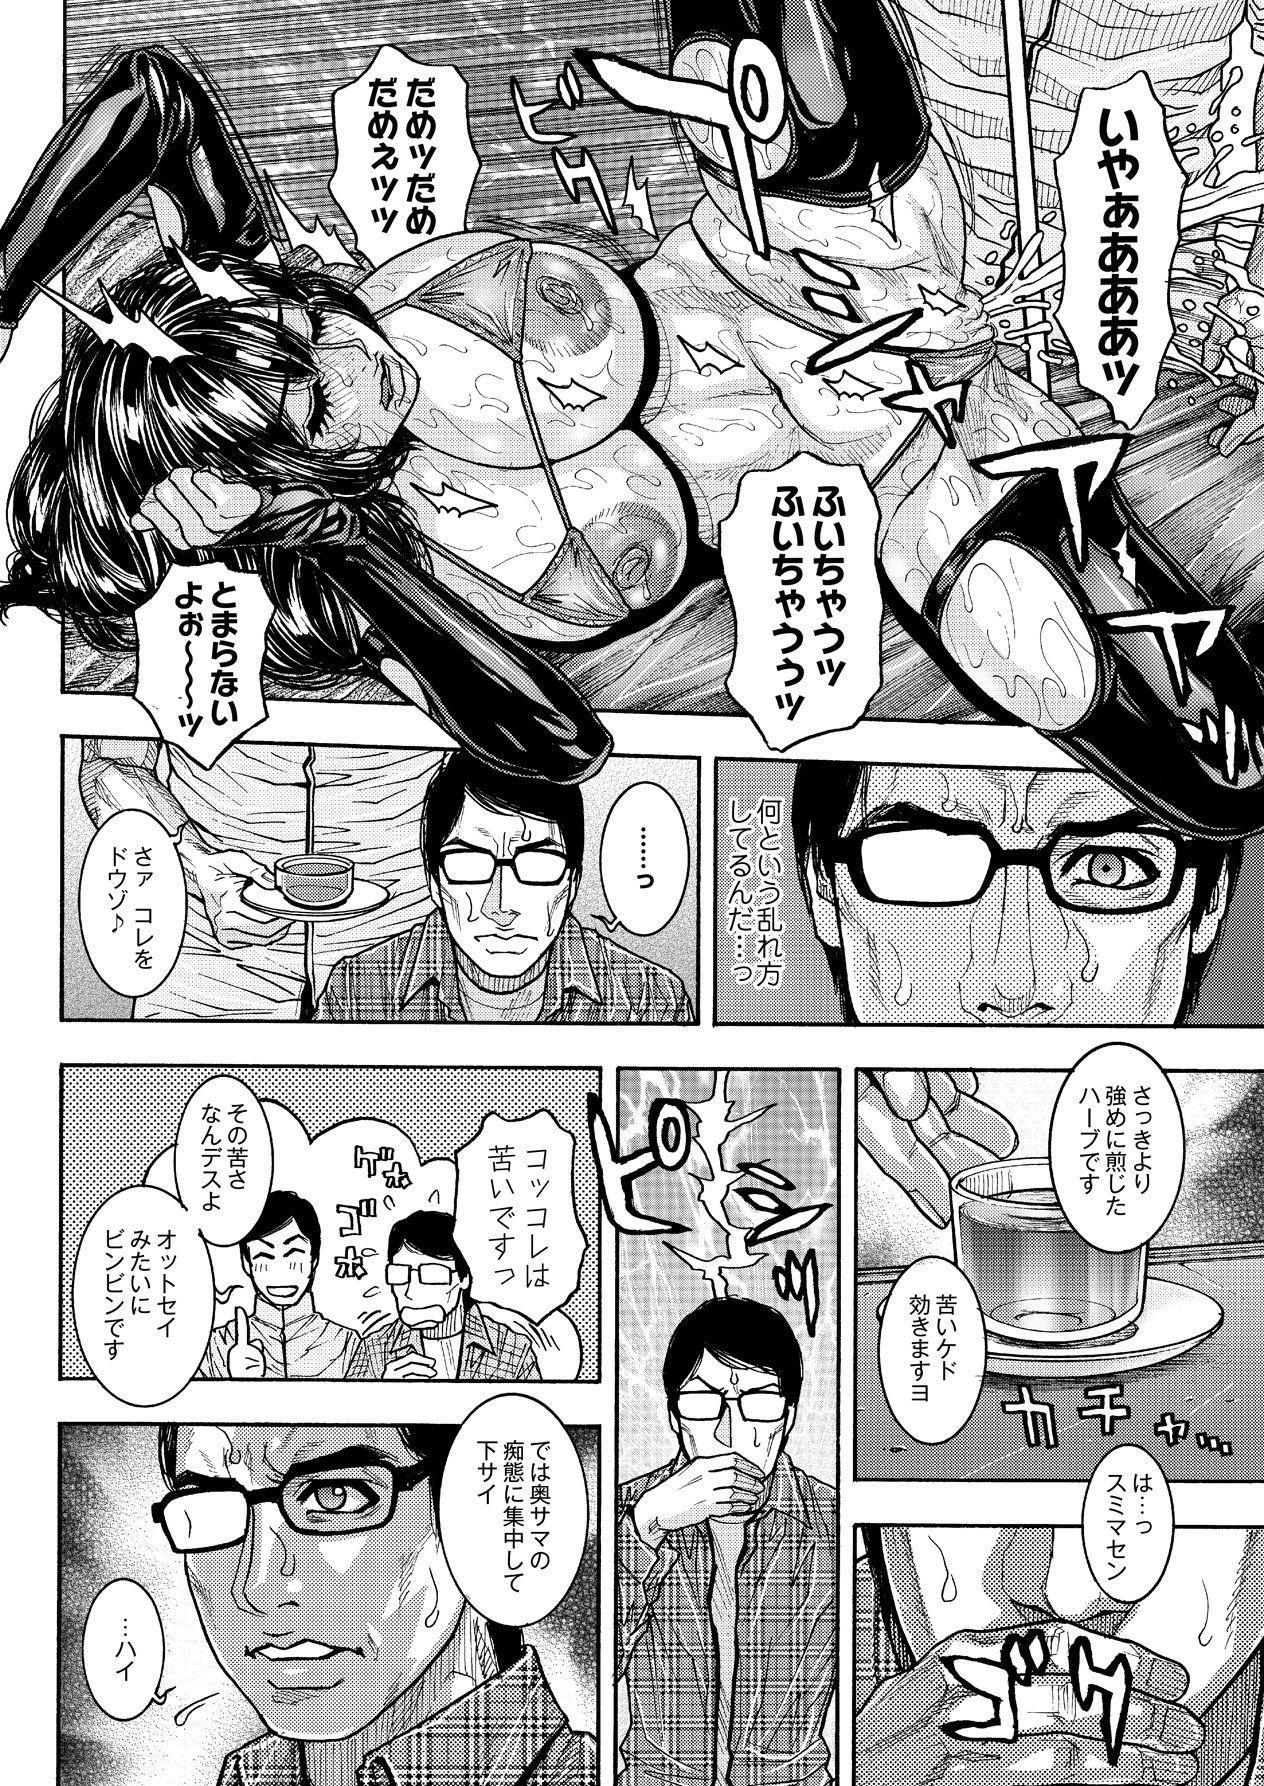 Kaikan Jukujo Massage 1-3 45